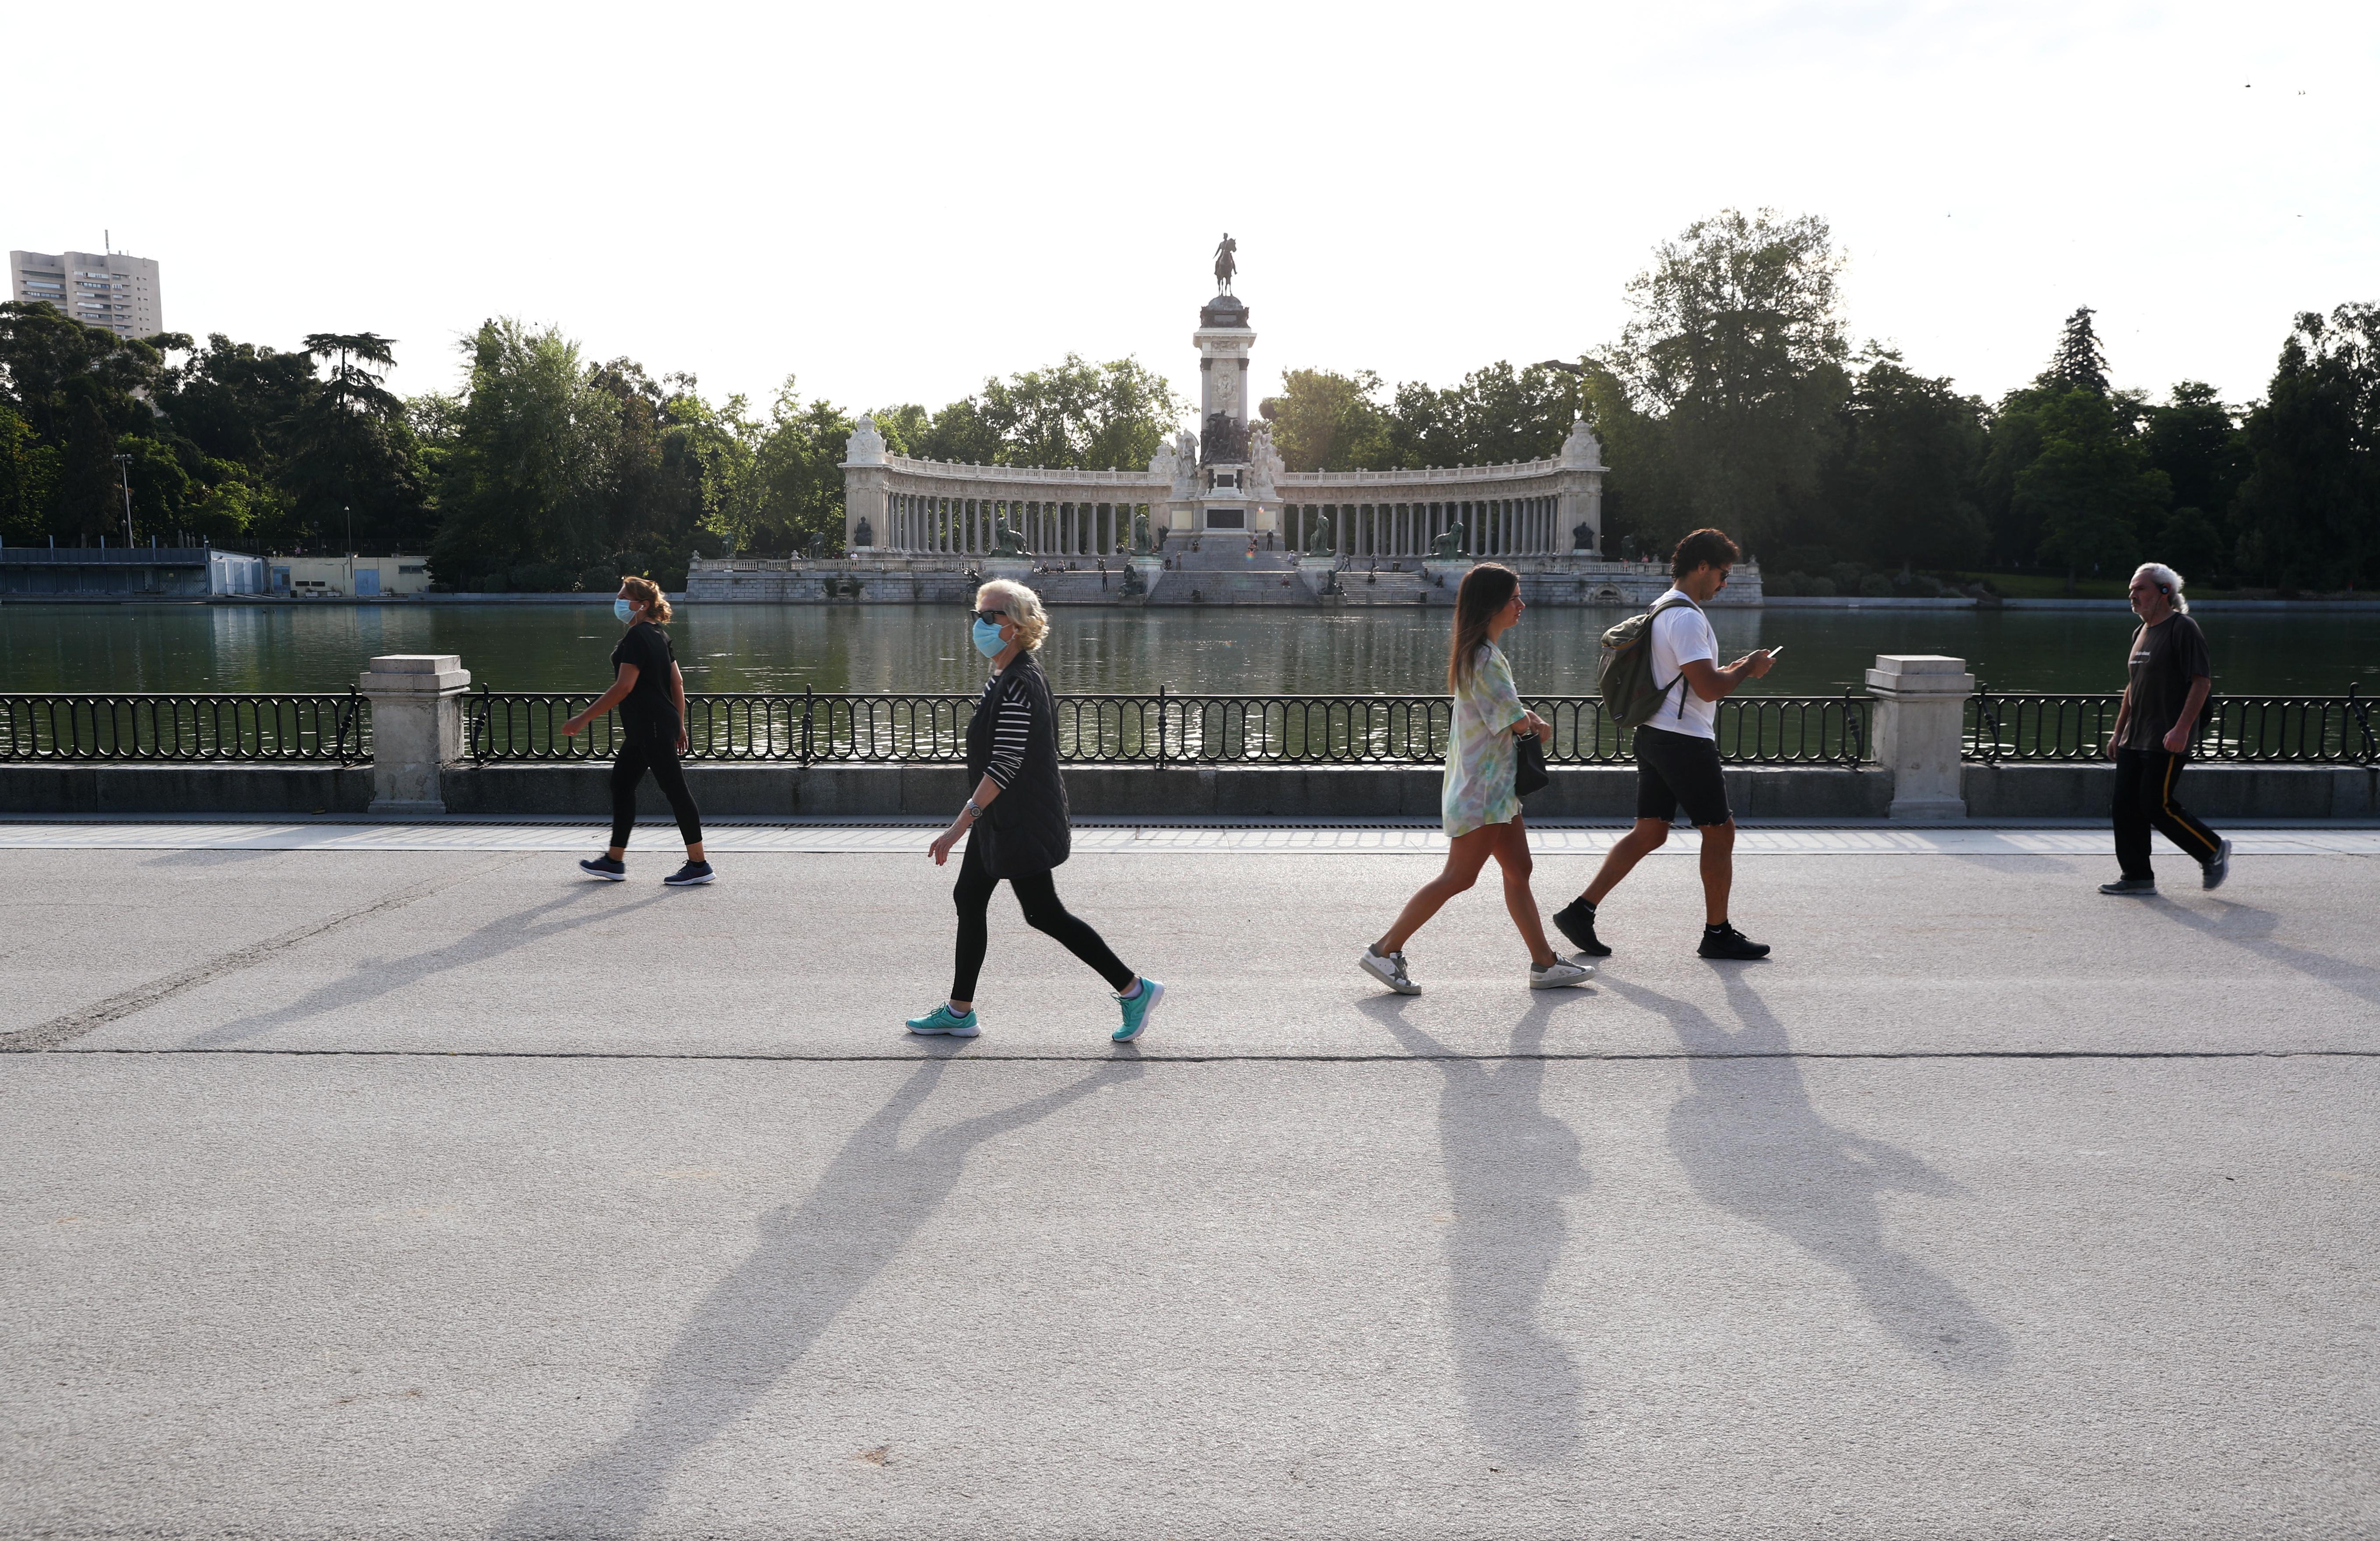 Las personas disfrutan del sol en el parque de El Retiro de Madrid después de dos meses de confinamiento (REUTERS/Sergio Perez)